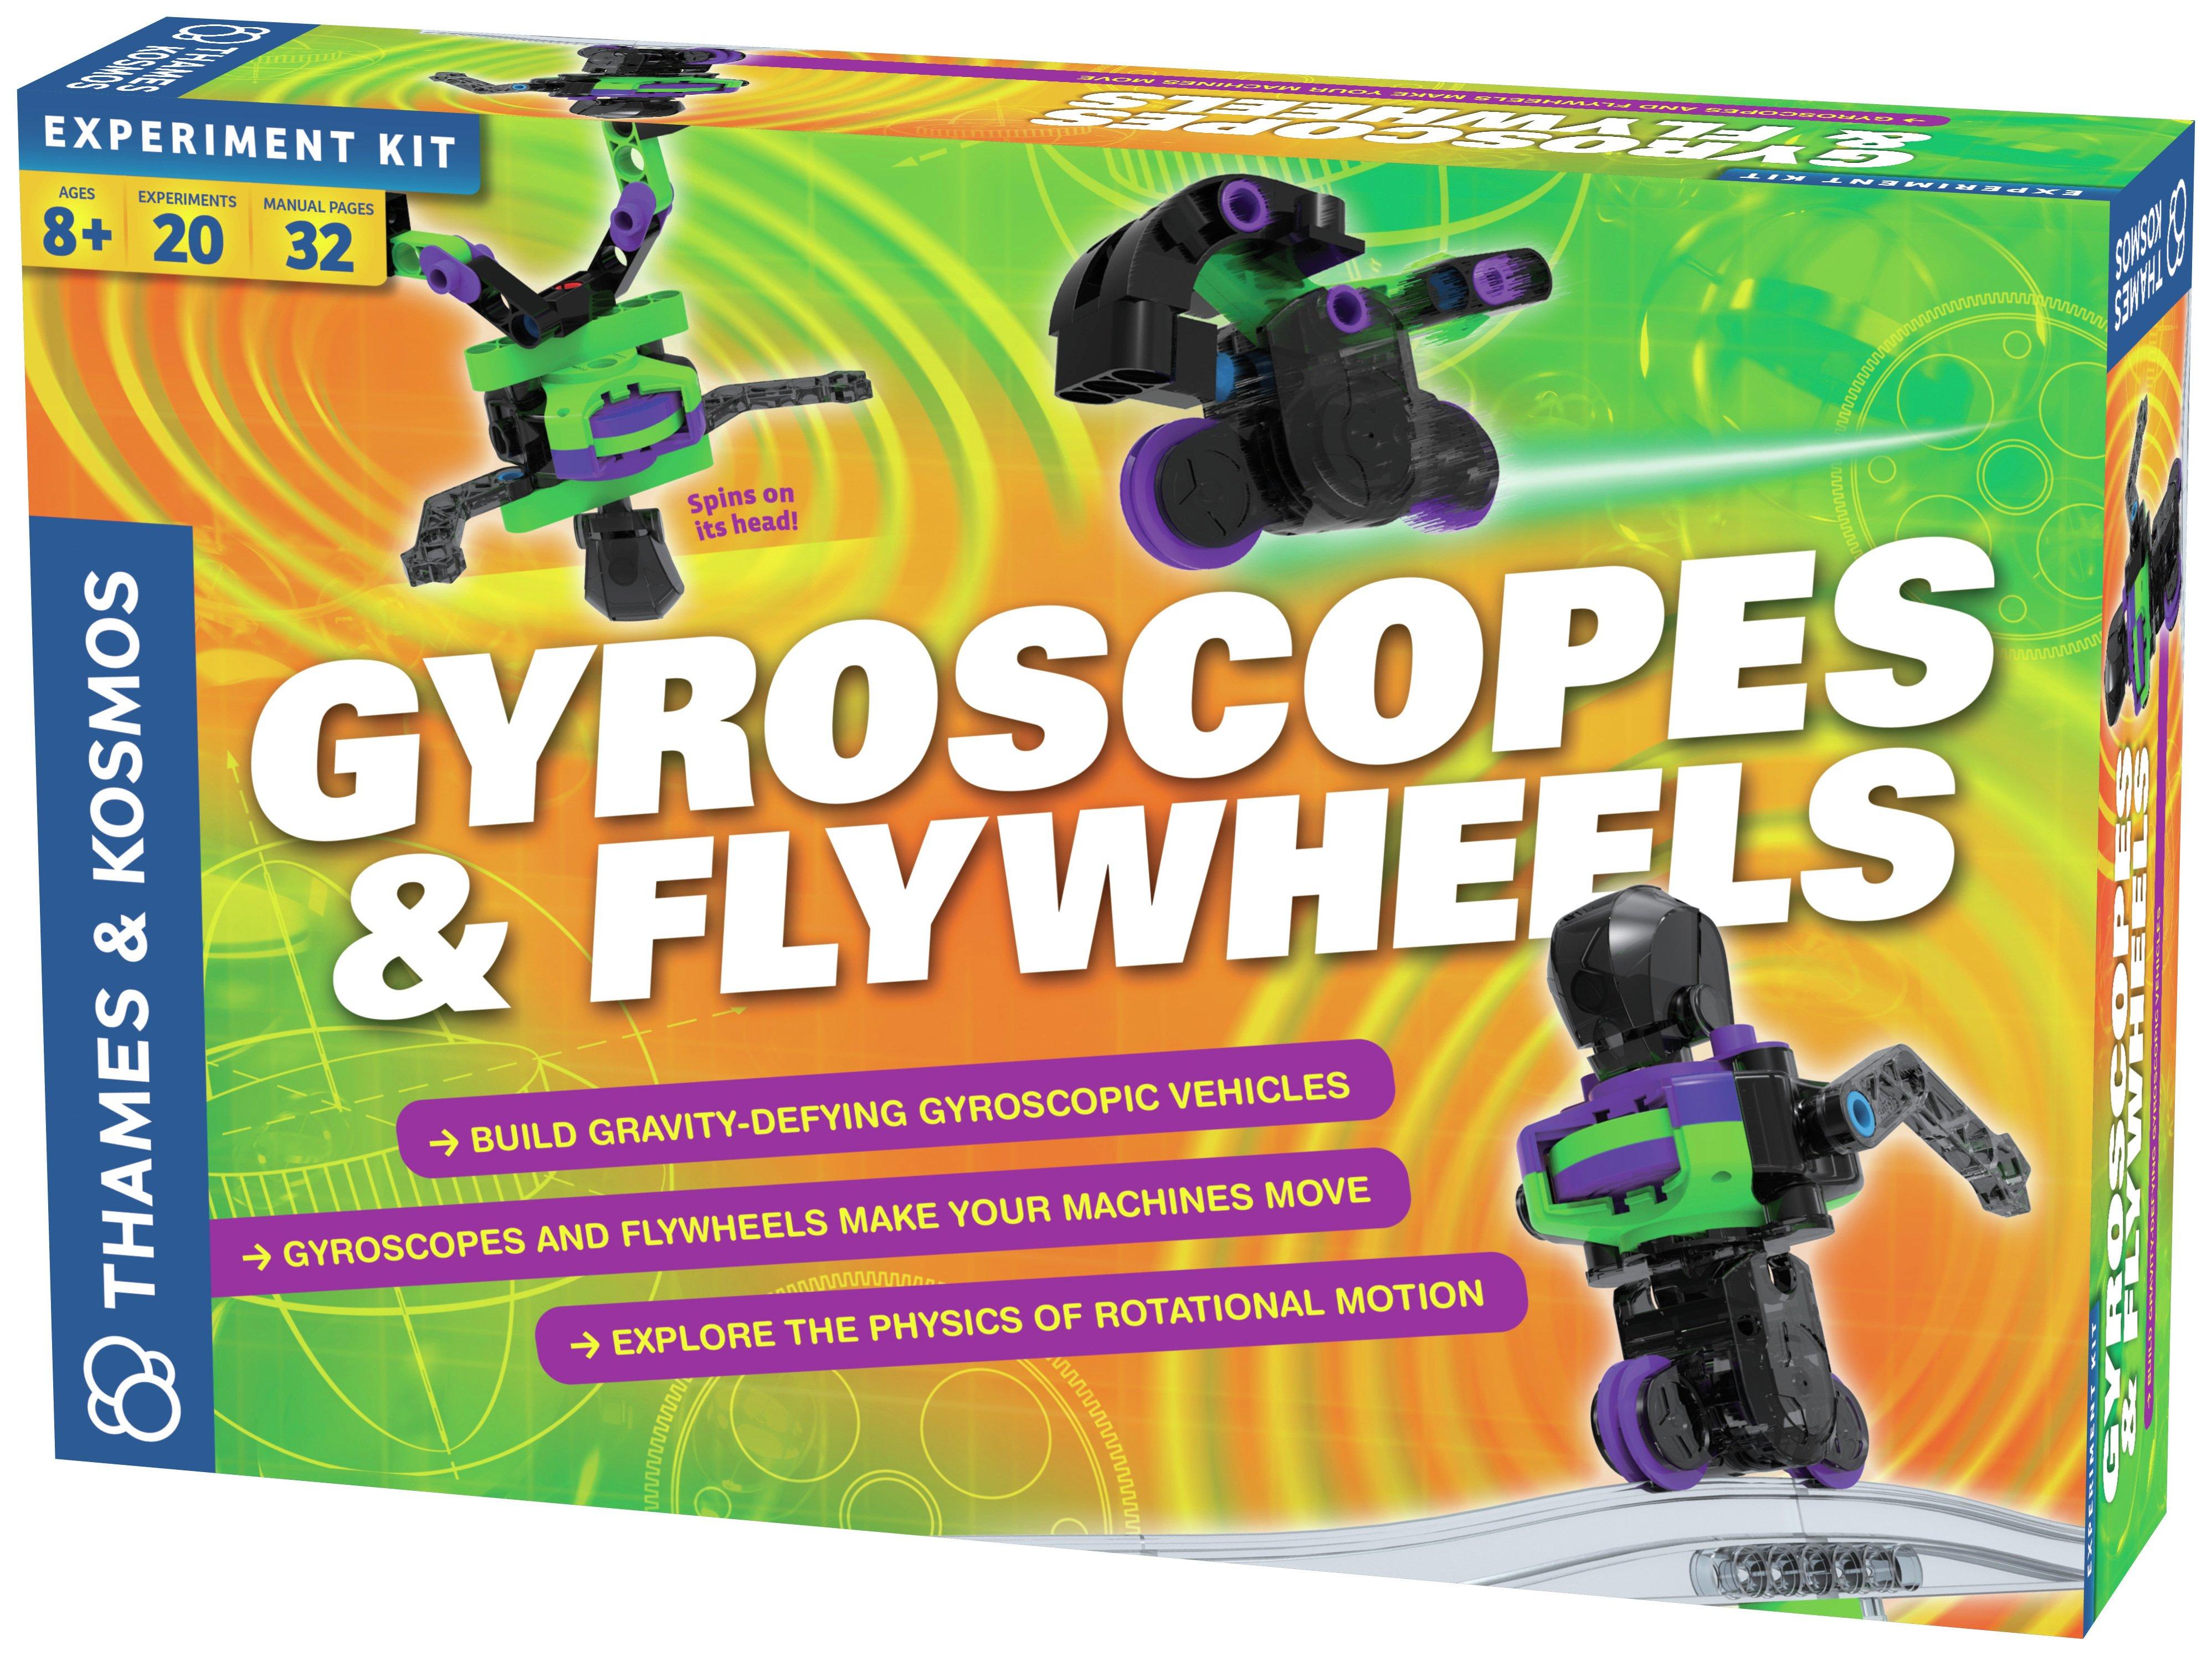 Thames And Kosmos Gyroscopes And Flywheels Kit.